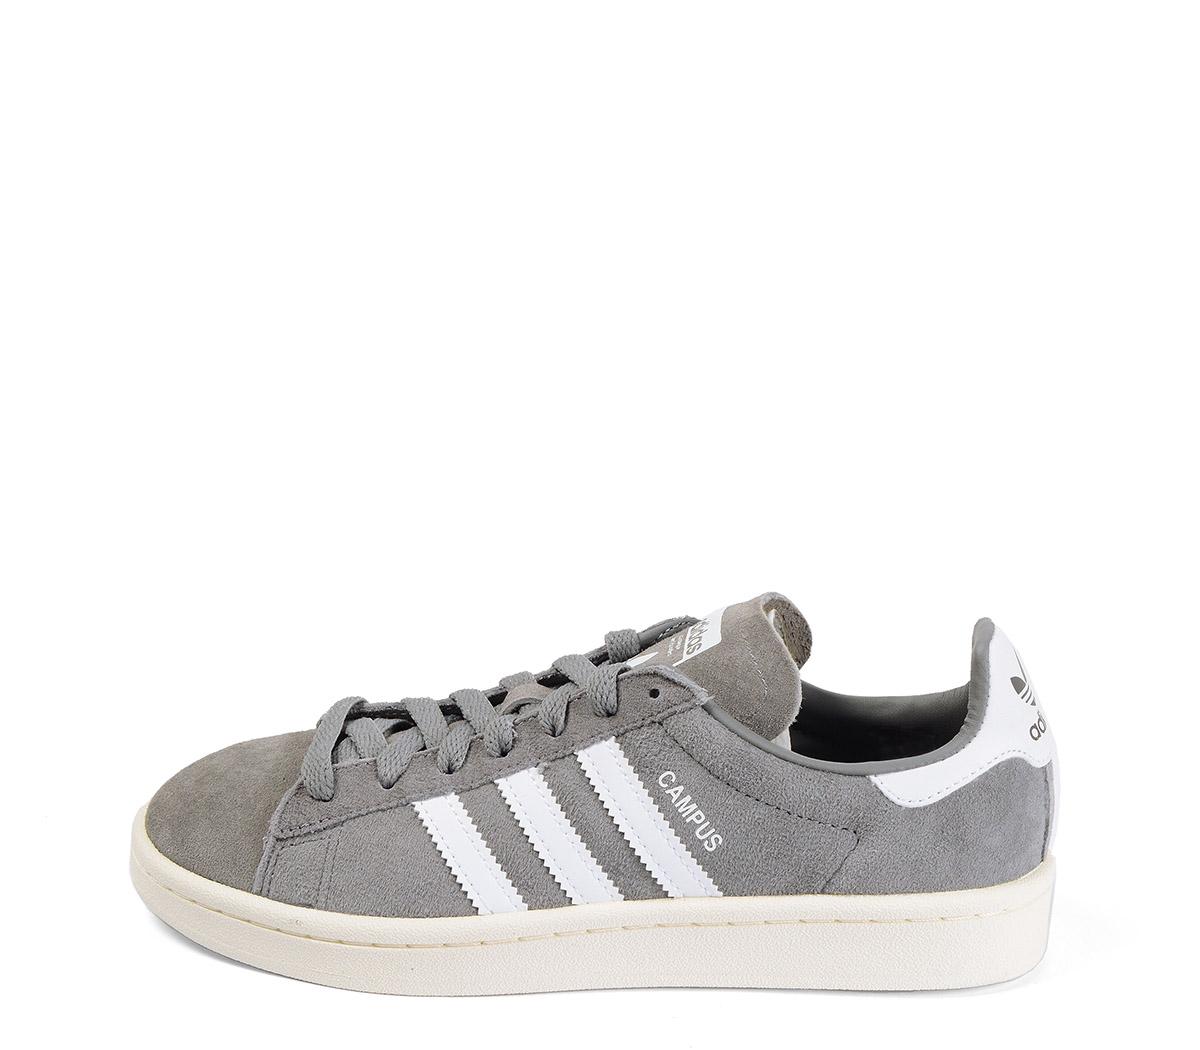 Ref. 4137 Adidas Campus serraje gris con detalle simbolo en piel blanca. Cordones grises.